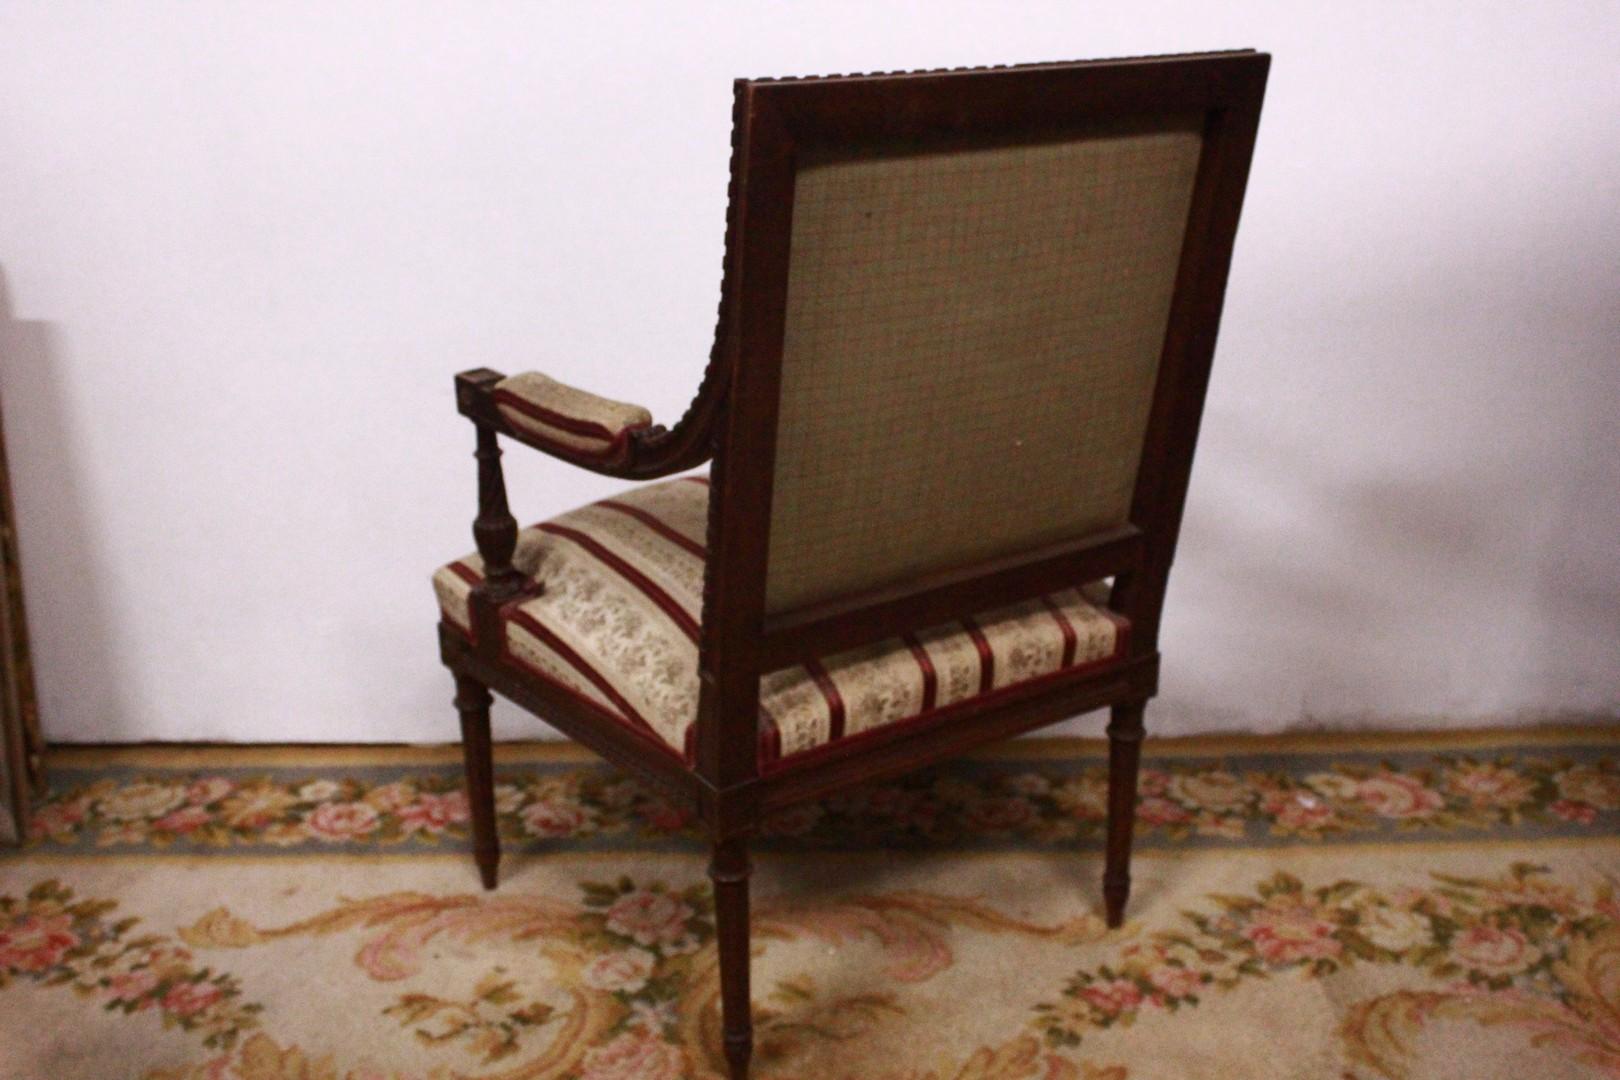 Sedie Ottocento Francese : Coppia di sedie francesi del xix secolo antiquariato su anticoantico